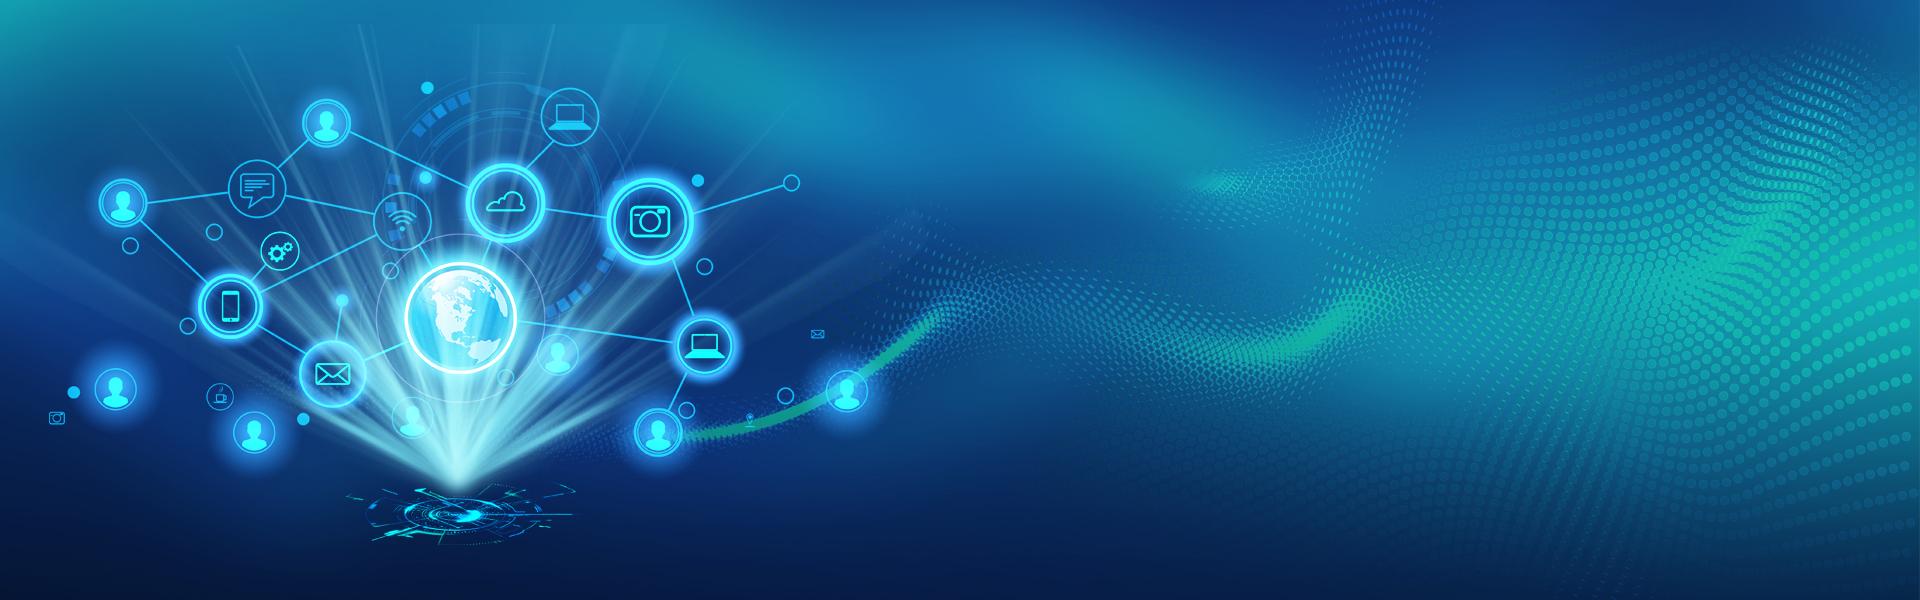 企业级云视频通讯解决方案服务商